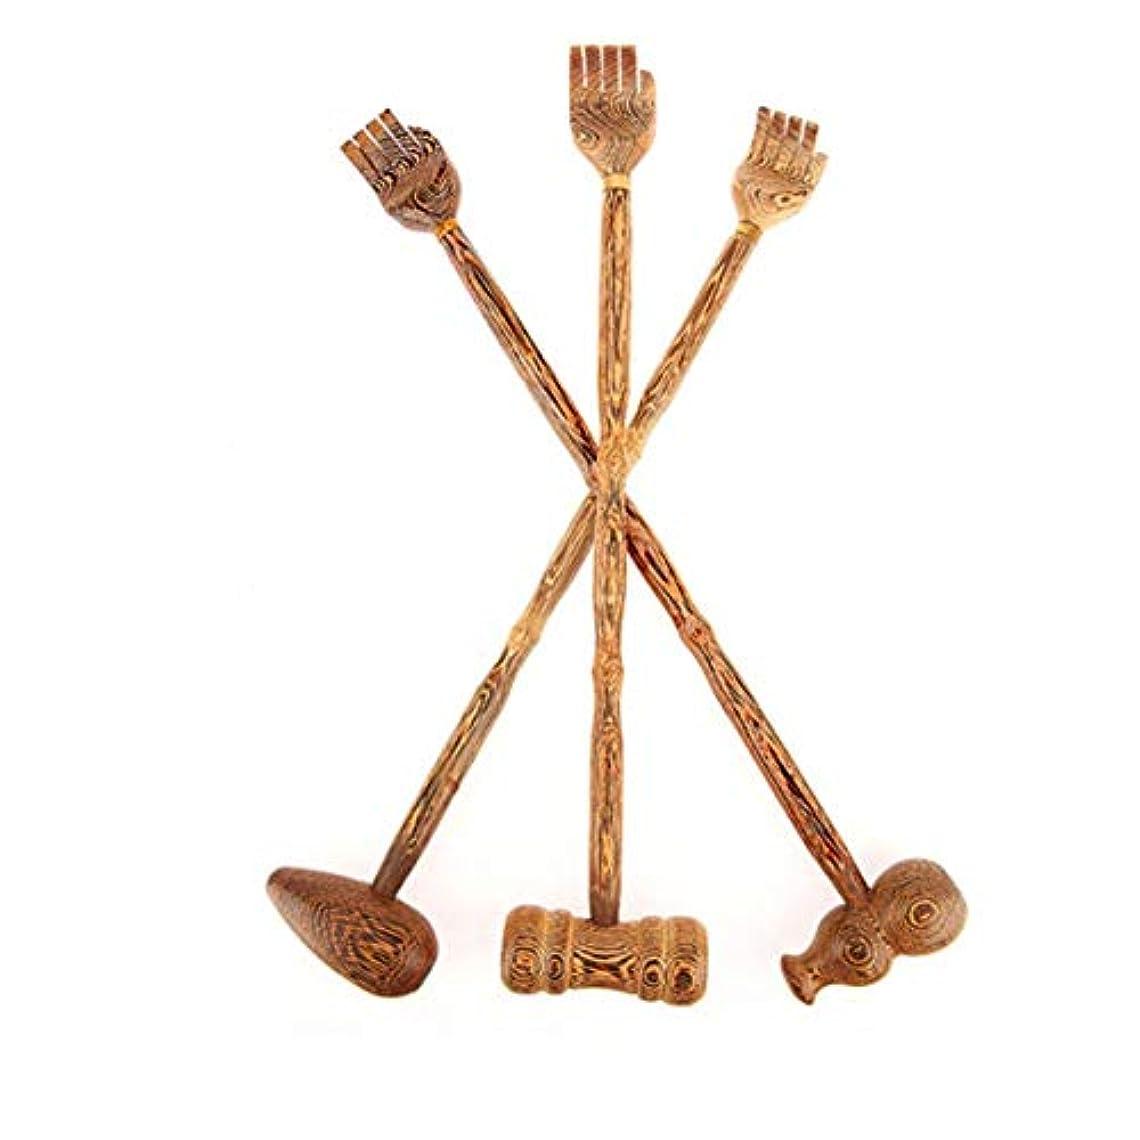 買収フェデレーション振る舞うTinygrass木製バックスクラッチャーウッドバックスクレーパースクラッチマッサージャーバックスクラッチャーボディマッサージャーハンマー健康製品(色:ウッドカラー)